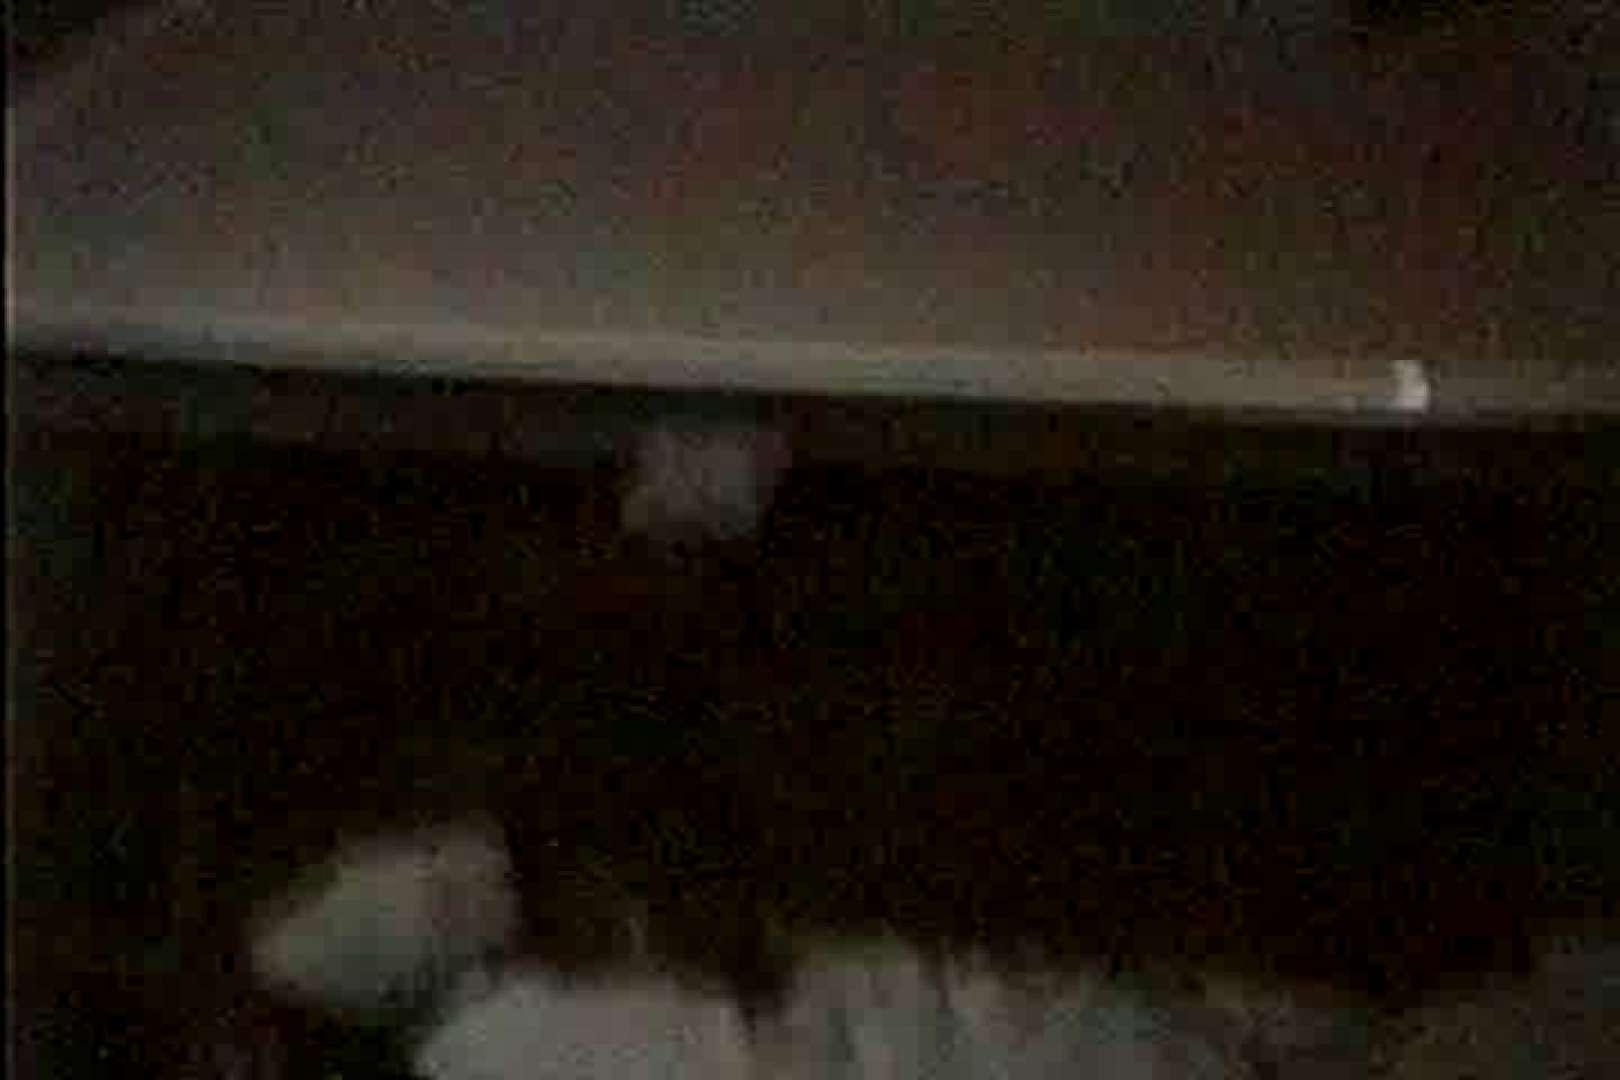 車の中はラブホテル 無修正版  Vol.8 望遠 のぞき動画画像 102PIX 29